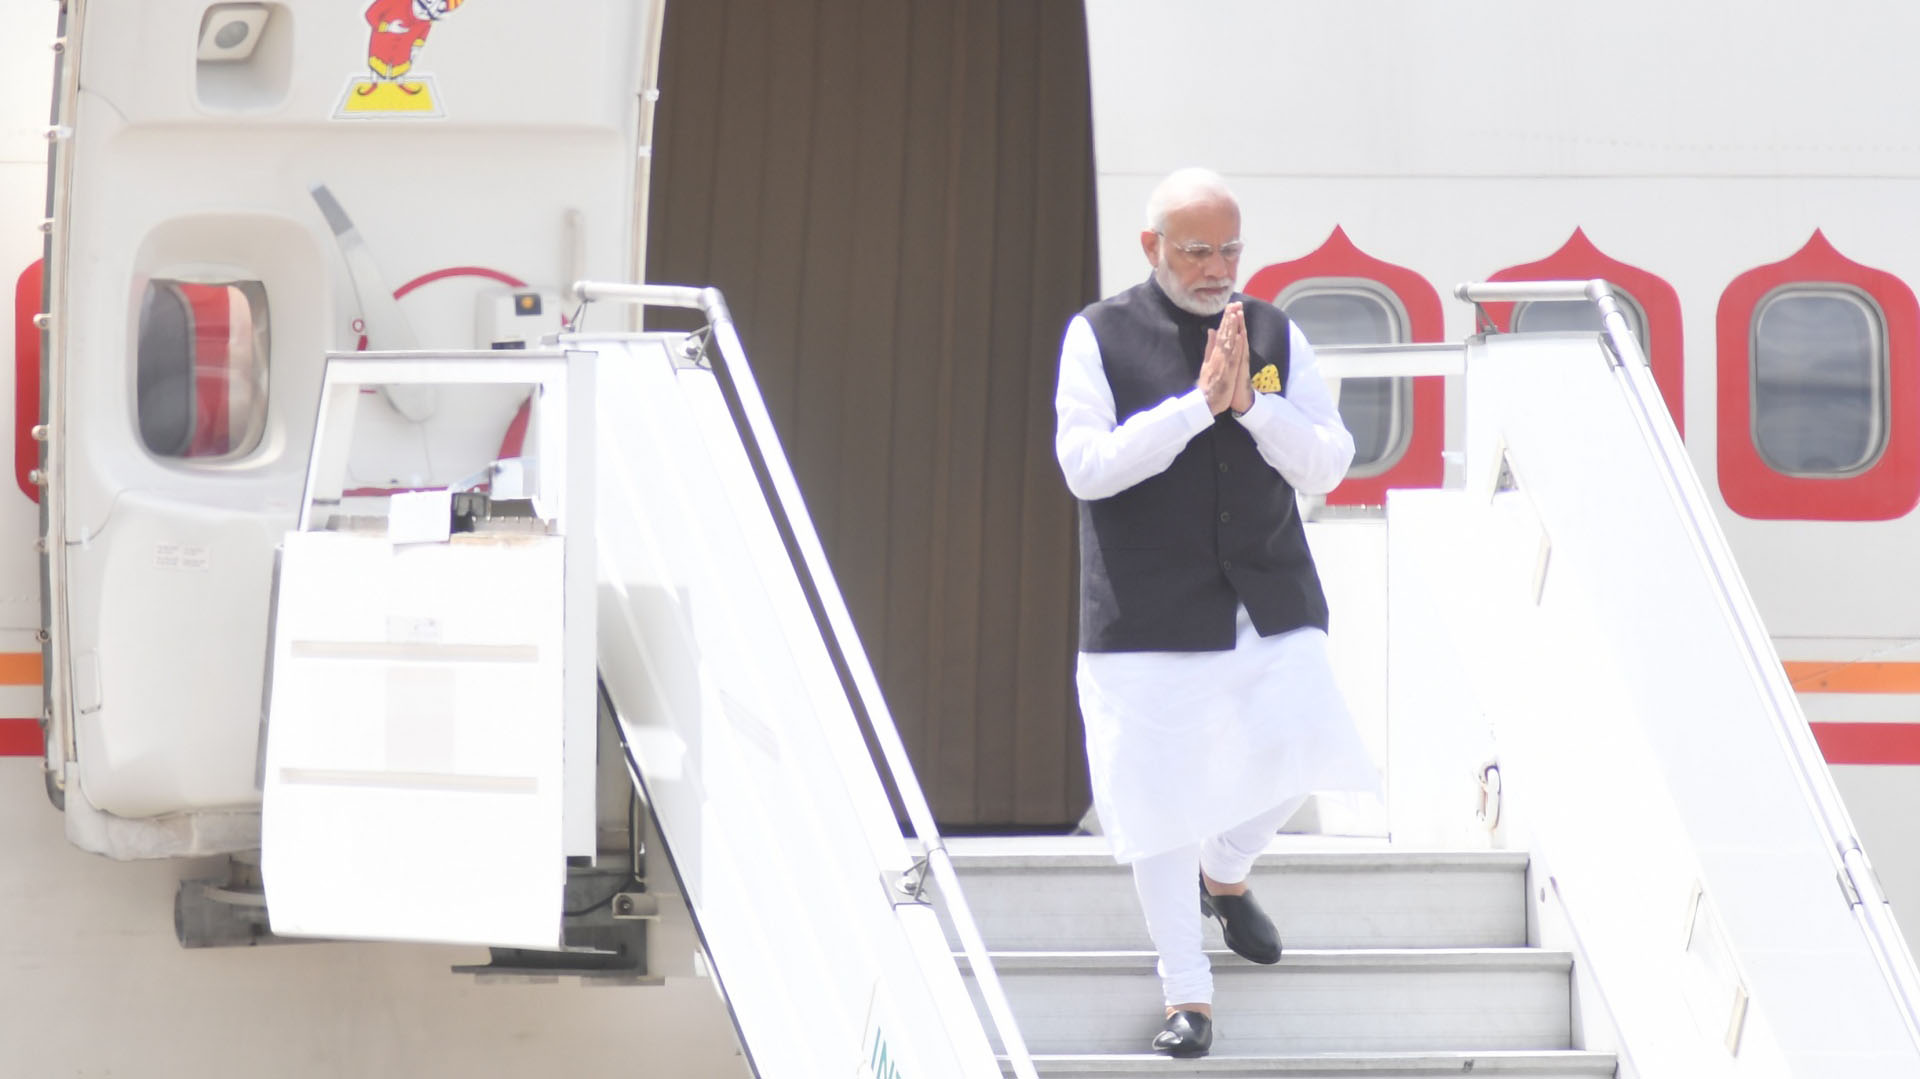 Pasadas las 10:40, Narendra Modi, primer ministro de India, aterrizó en el aeropuerto Internacional de Ezeiza